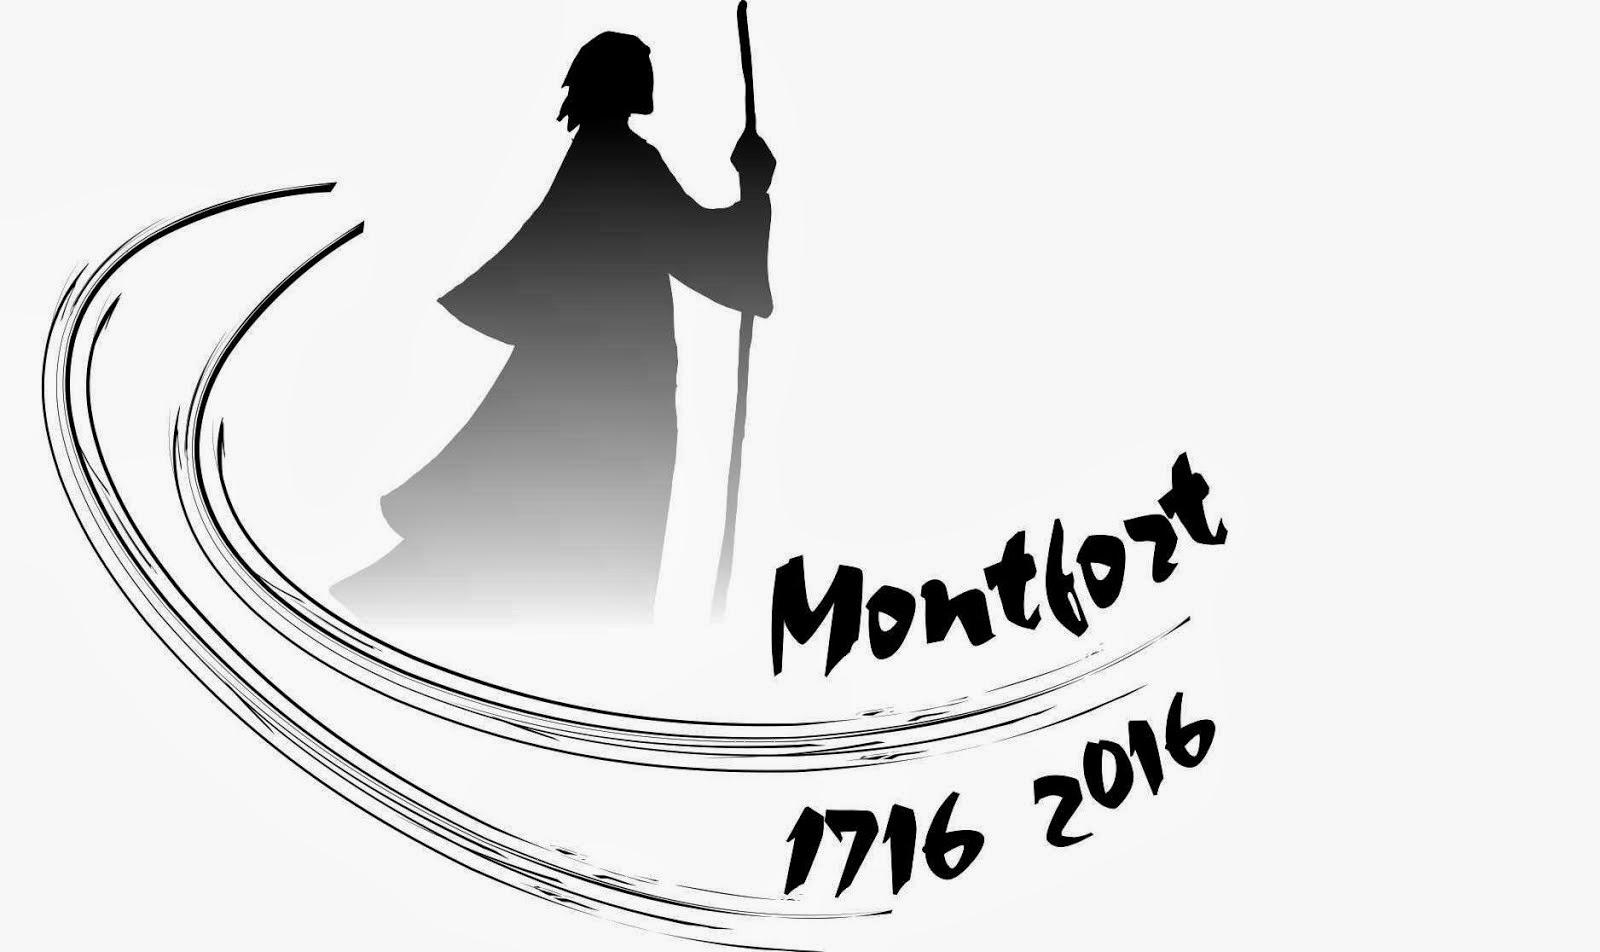 300 jarige herdenking overlijden van Montfort